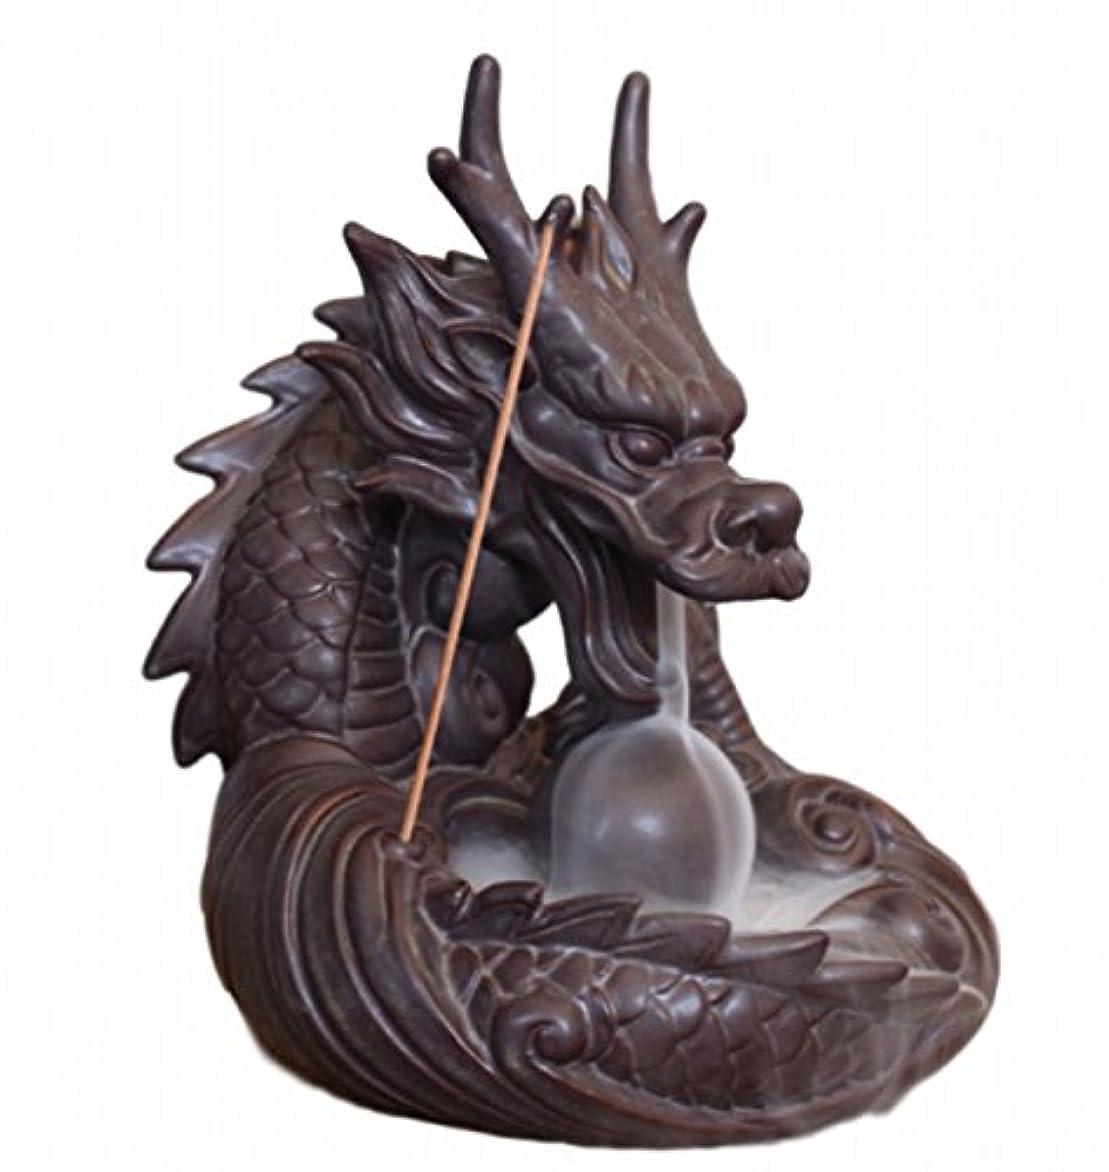 経験発表する葉っぱ【Rurumiマーケット】不思議なお香 倒流香 用 香炉 ドラゴン お試しお香付き 流川香 陶器製 (ドラゴンB)